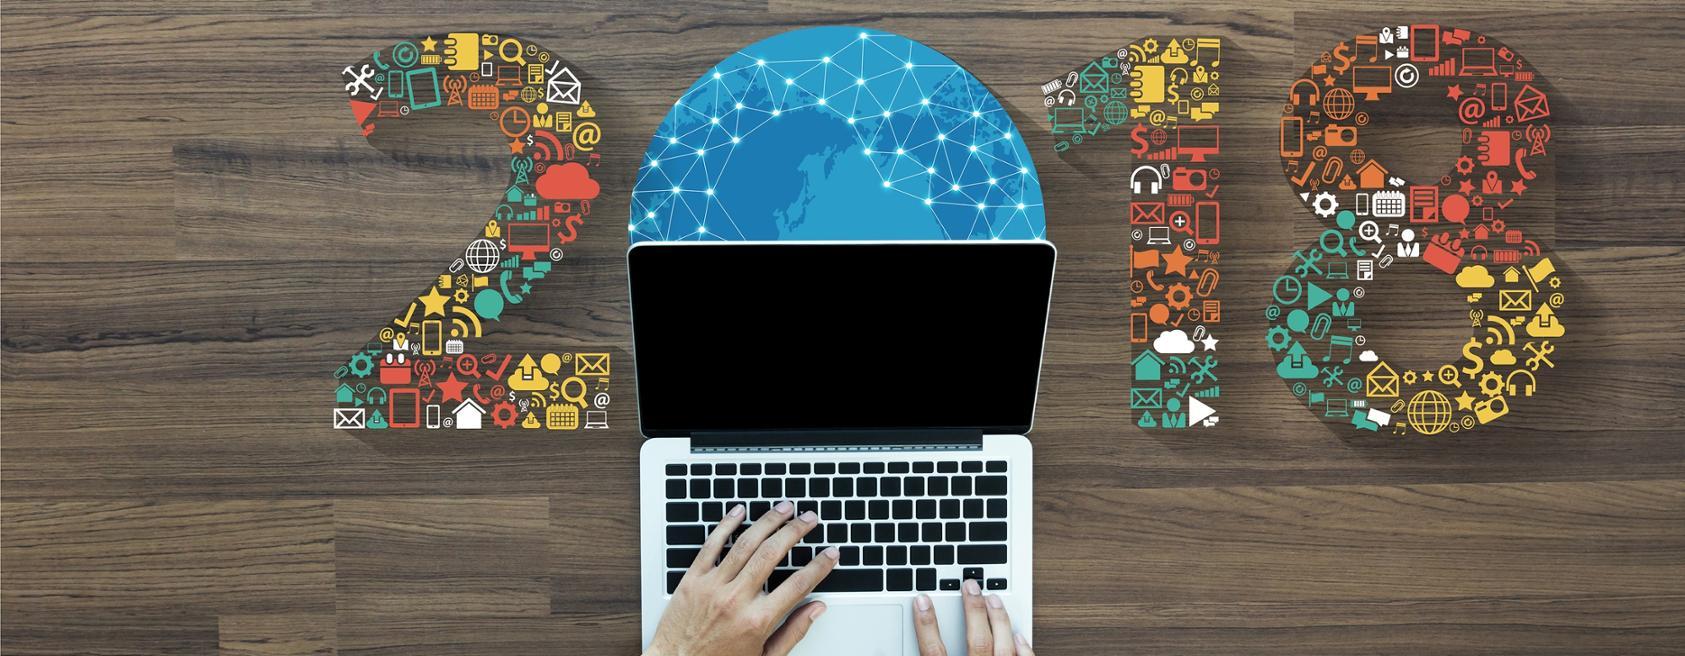 Nuevas tendencias en el consumo digital